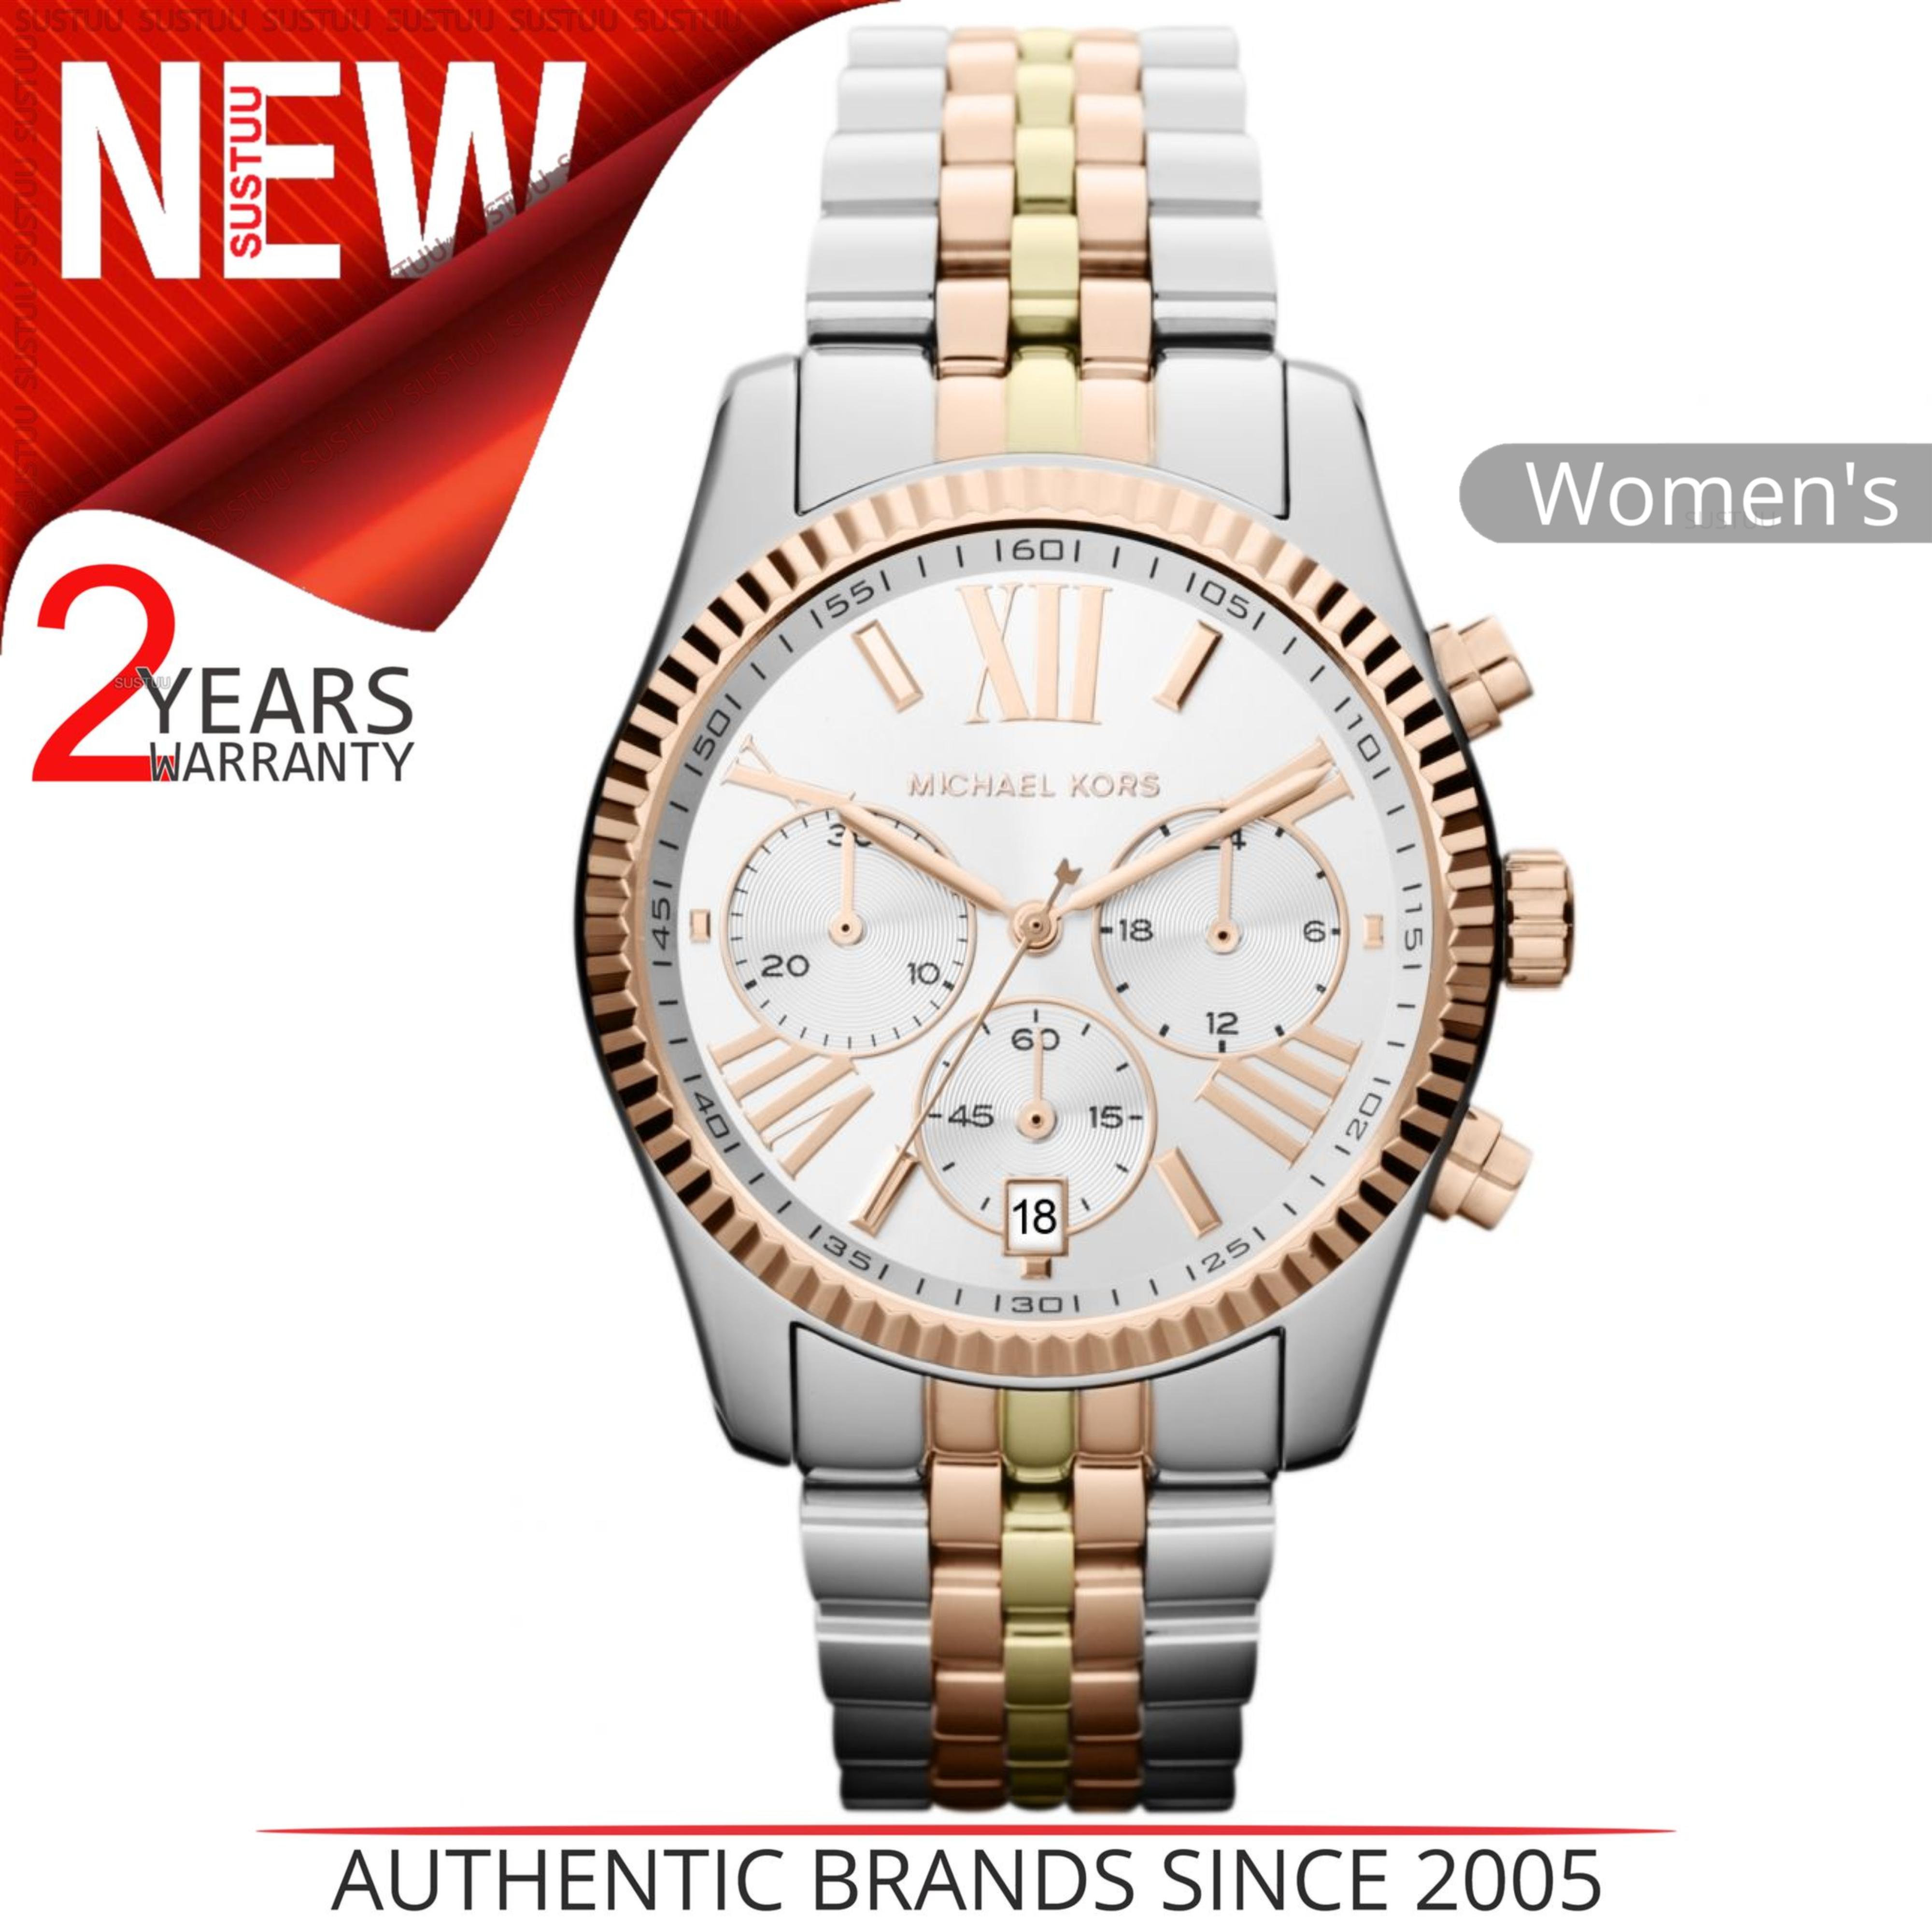 efa01d650e16 Details about Michael Kors Lexington Women s Watch│Chronograph Dial│Tri Tone  Bracelet│MK5735